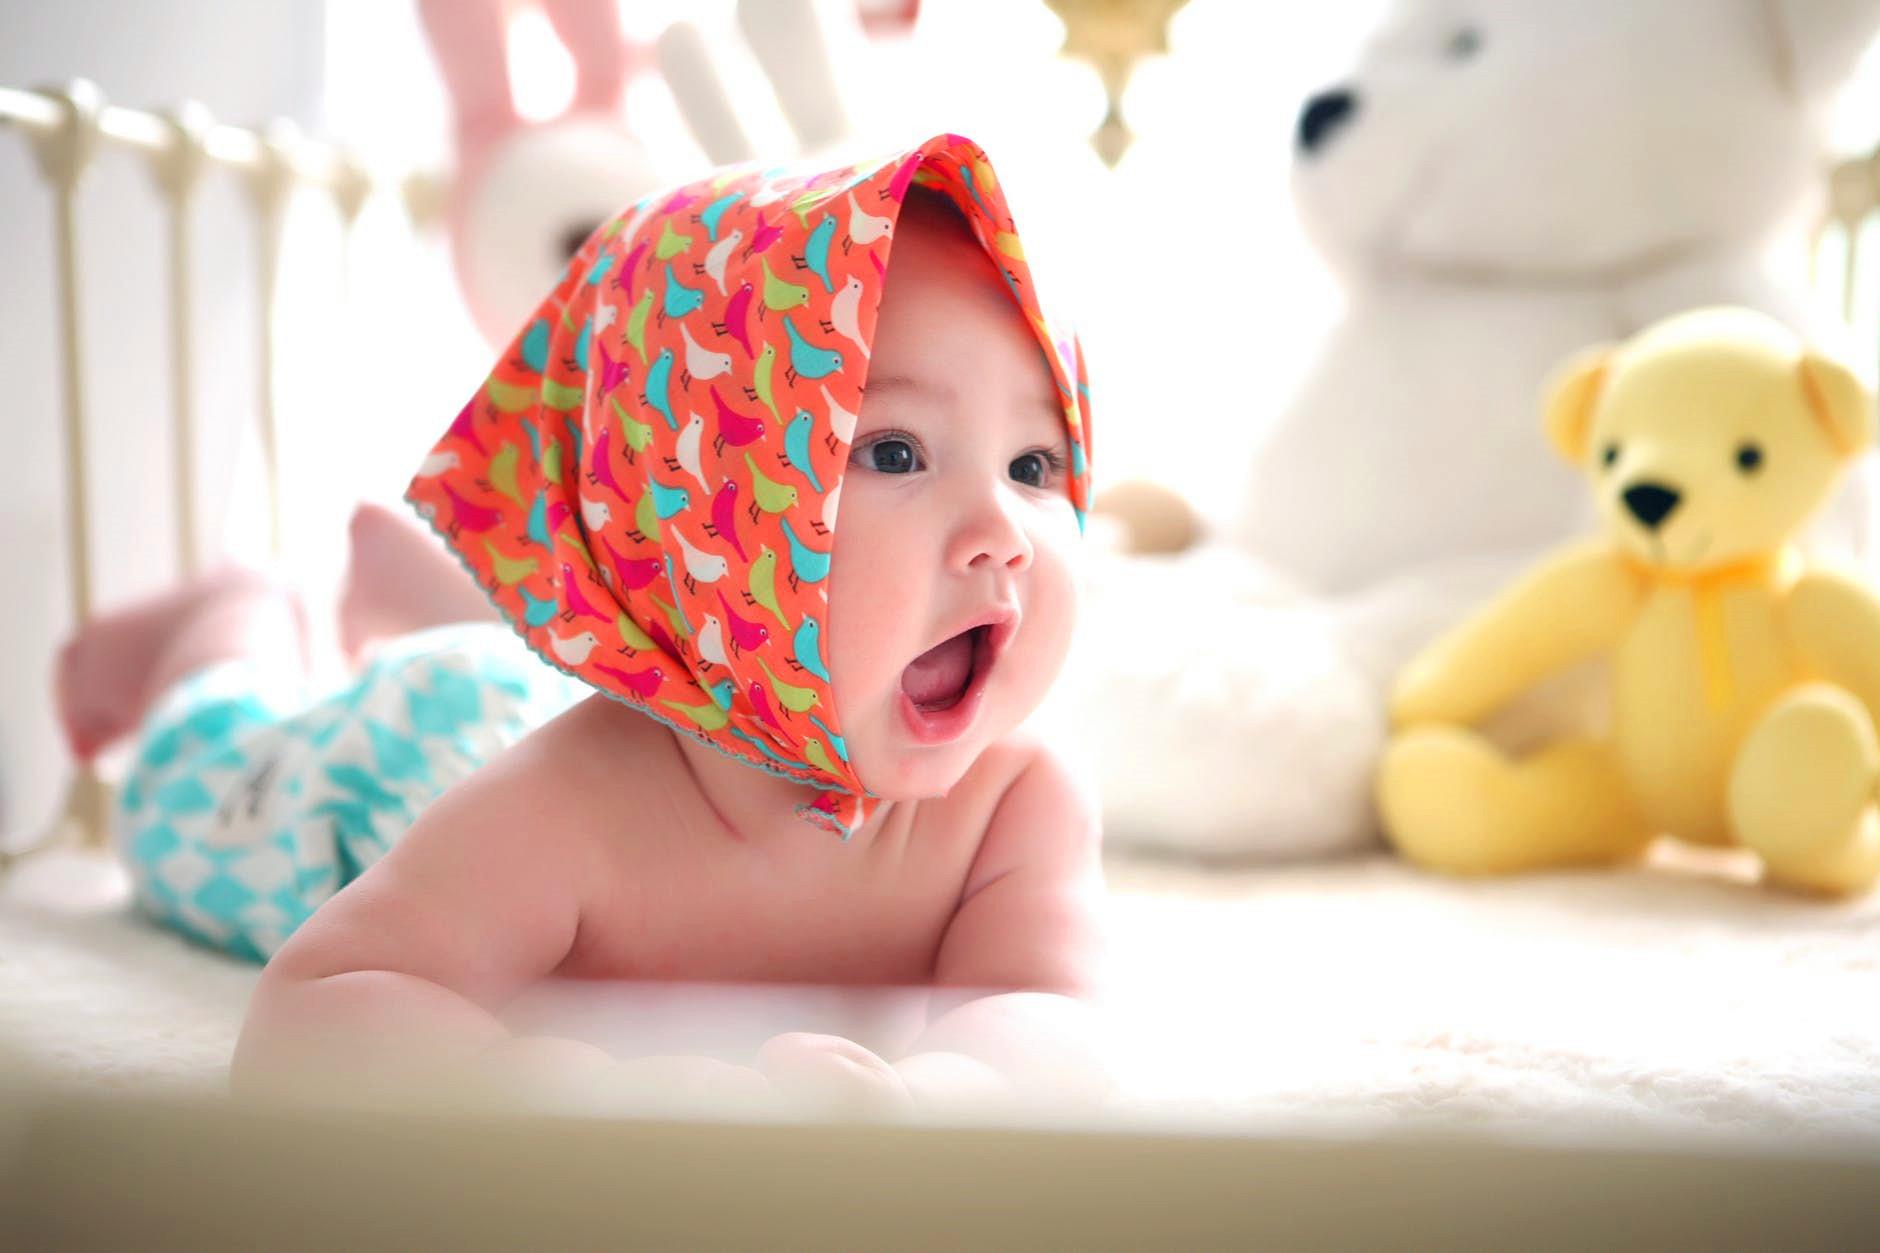 如何 給 新生寶寶 洗澡,詳細介紹 ,注意事項